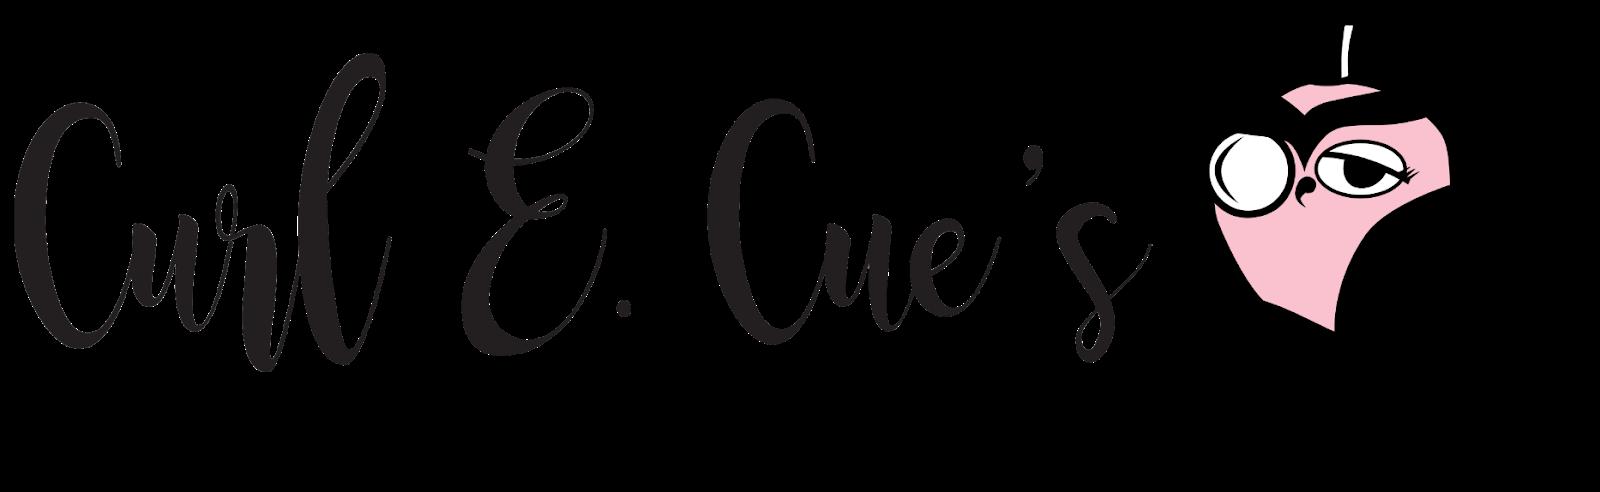 Curl E. Cue's